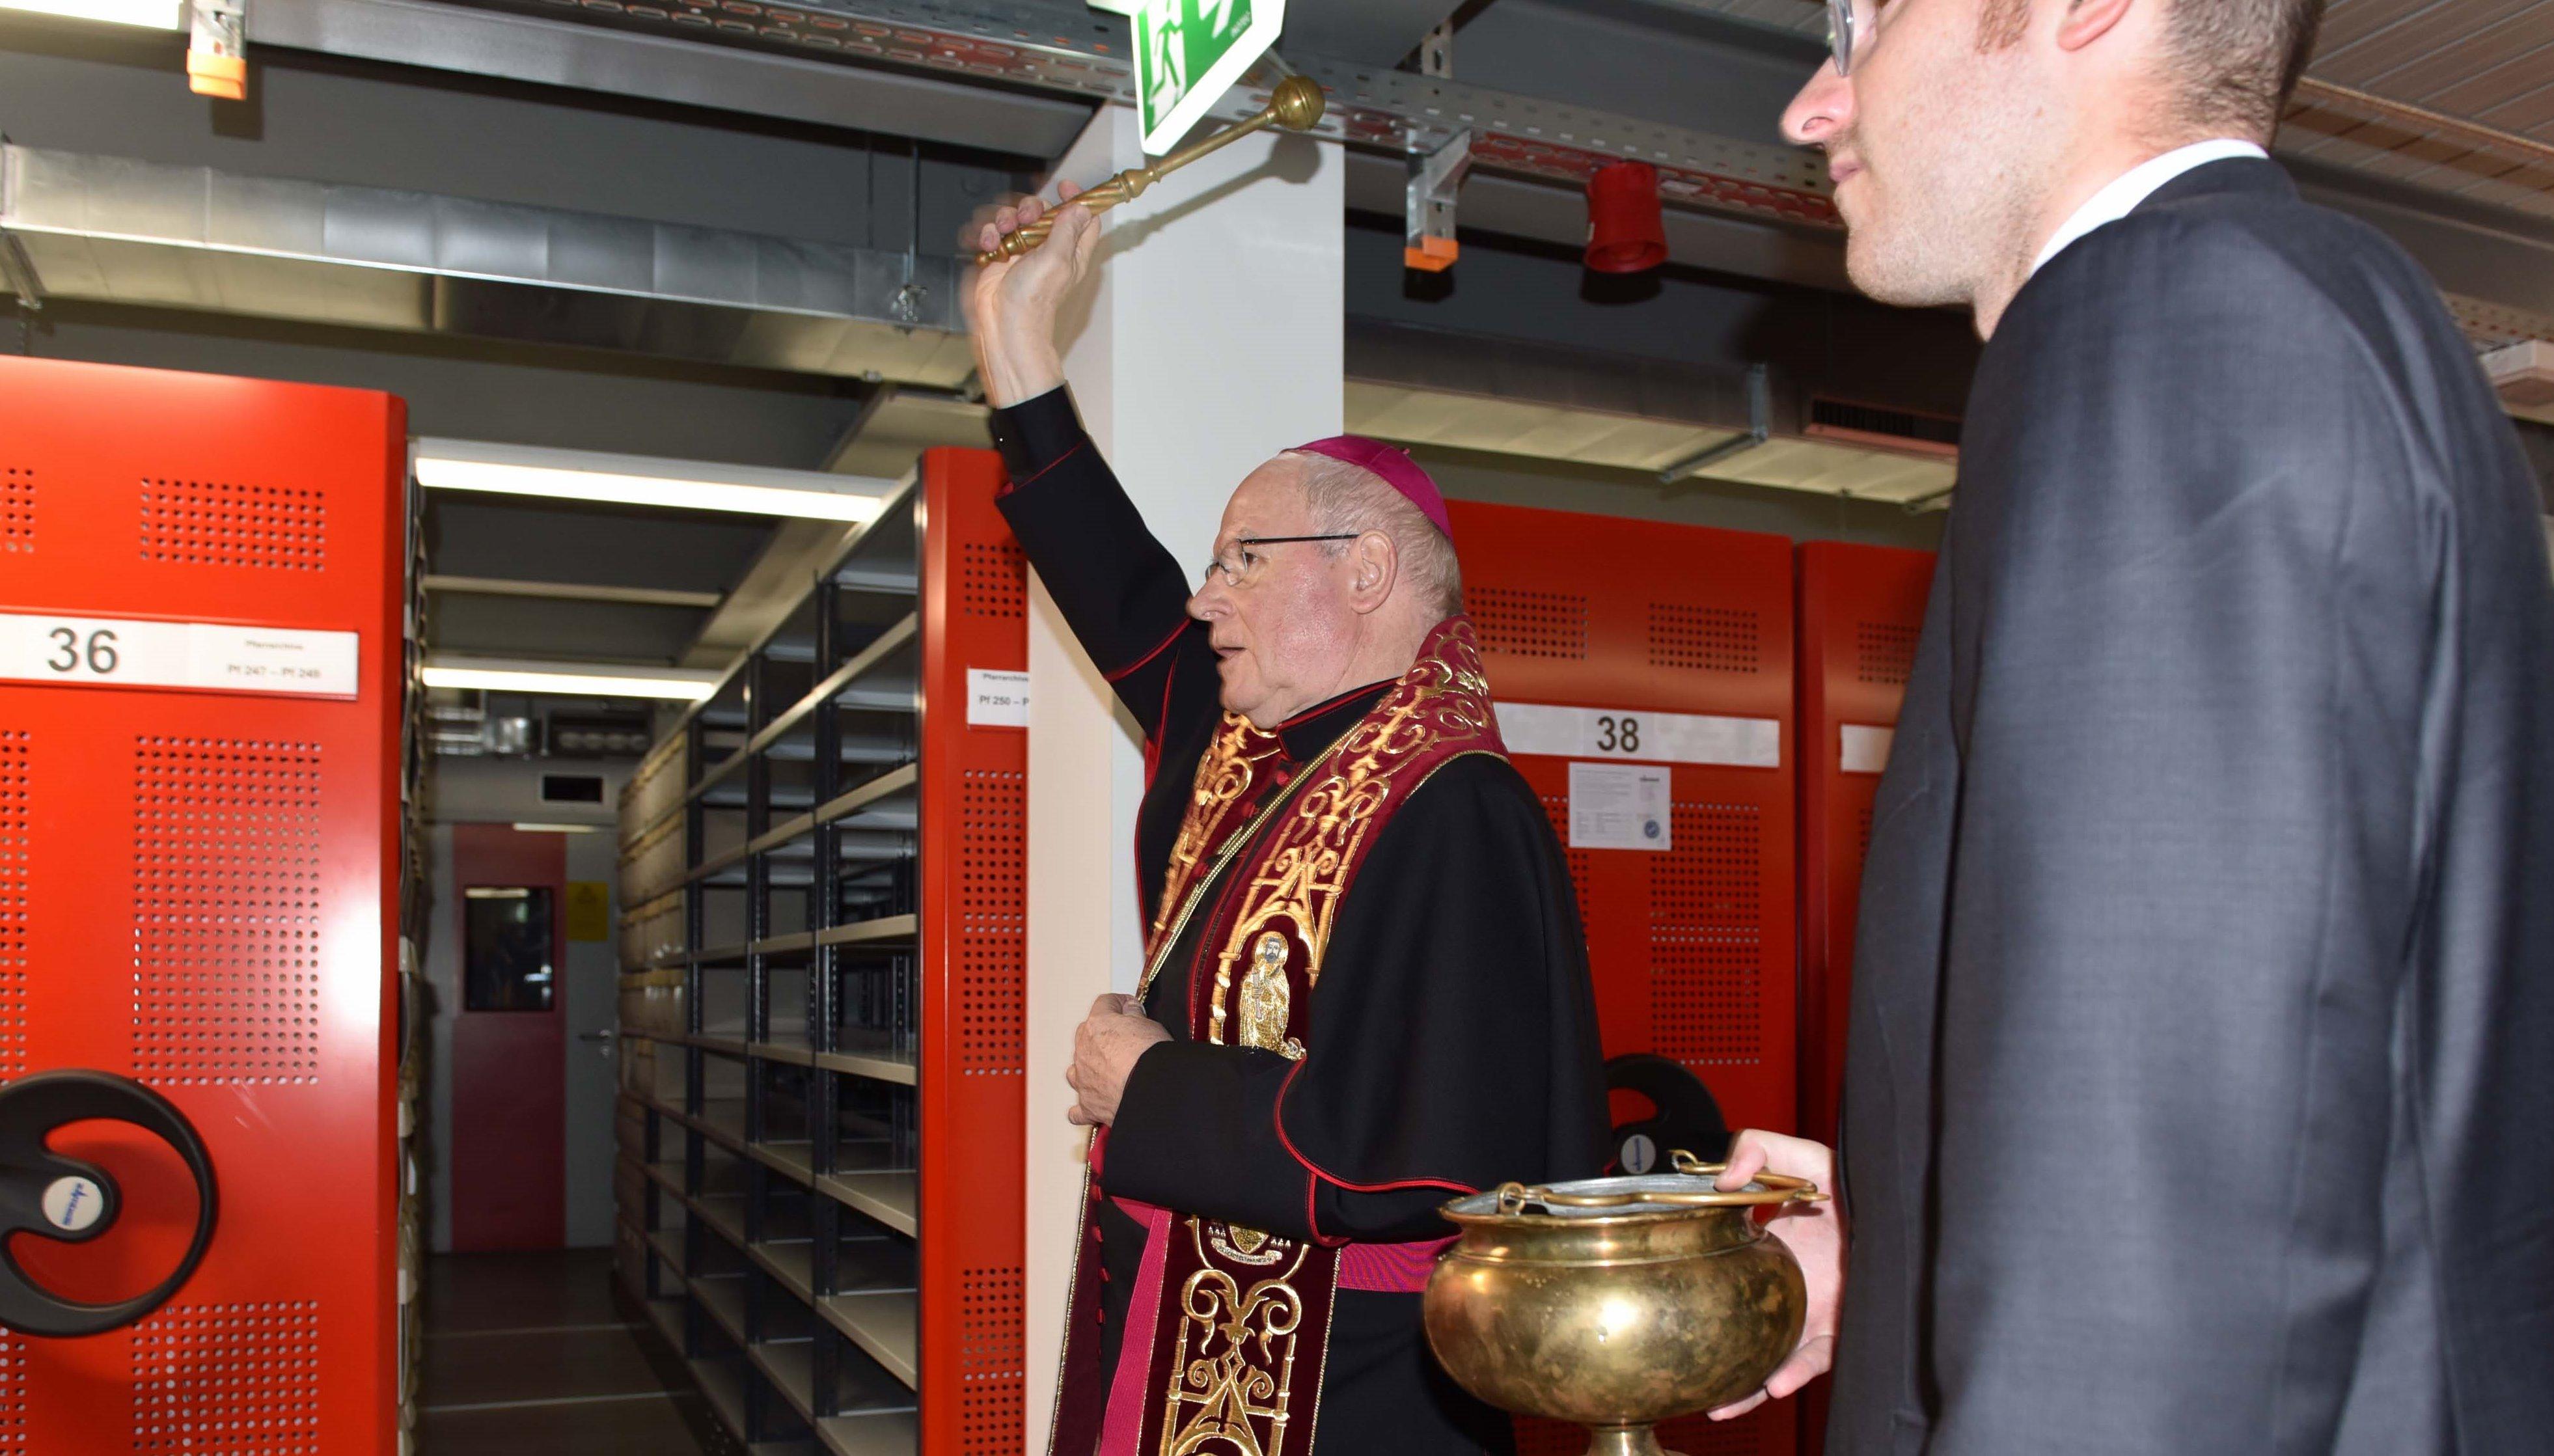 Bischof Konrad bei der Segnung des Archiv-Magazins. (Fotos: Maria Steber/Pressestelle Bistum Augsburg)